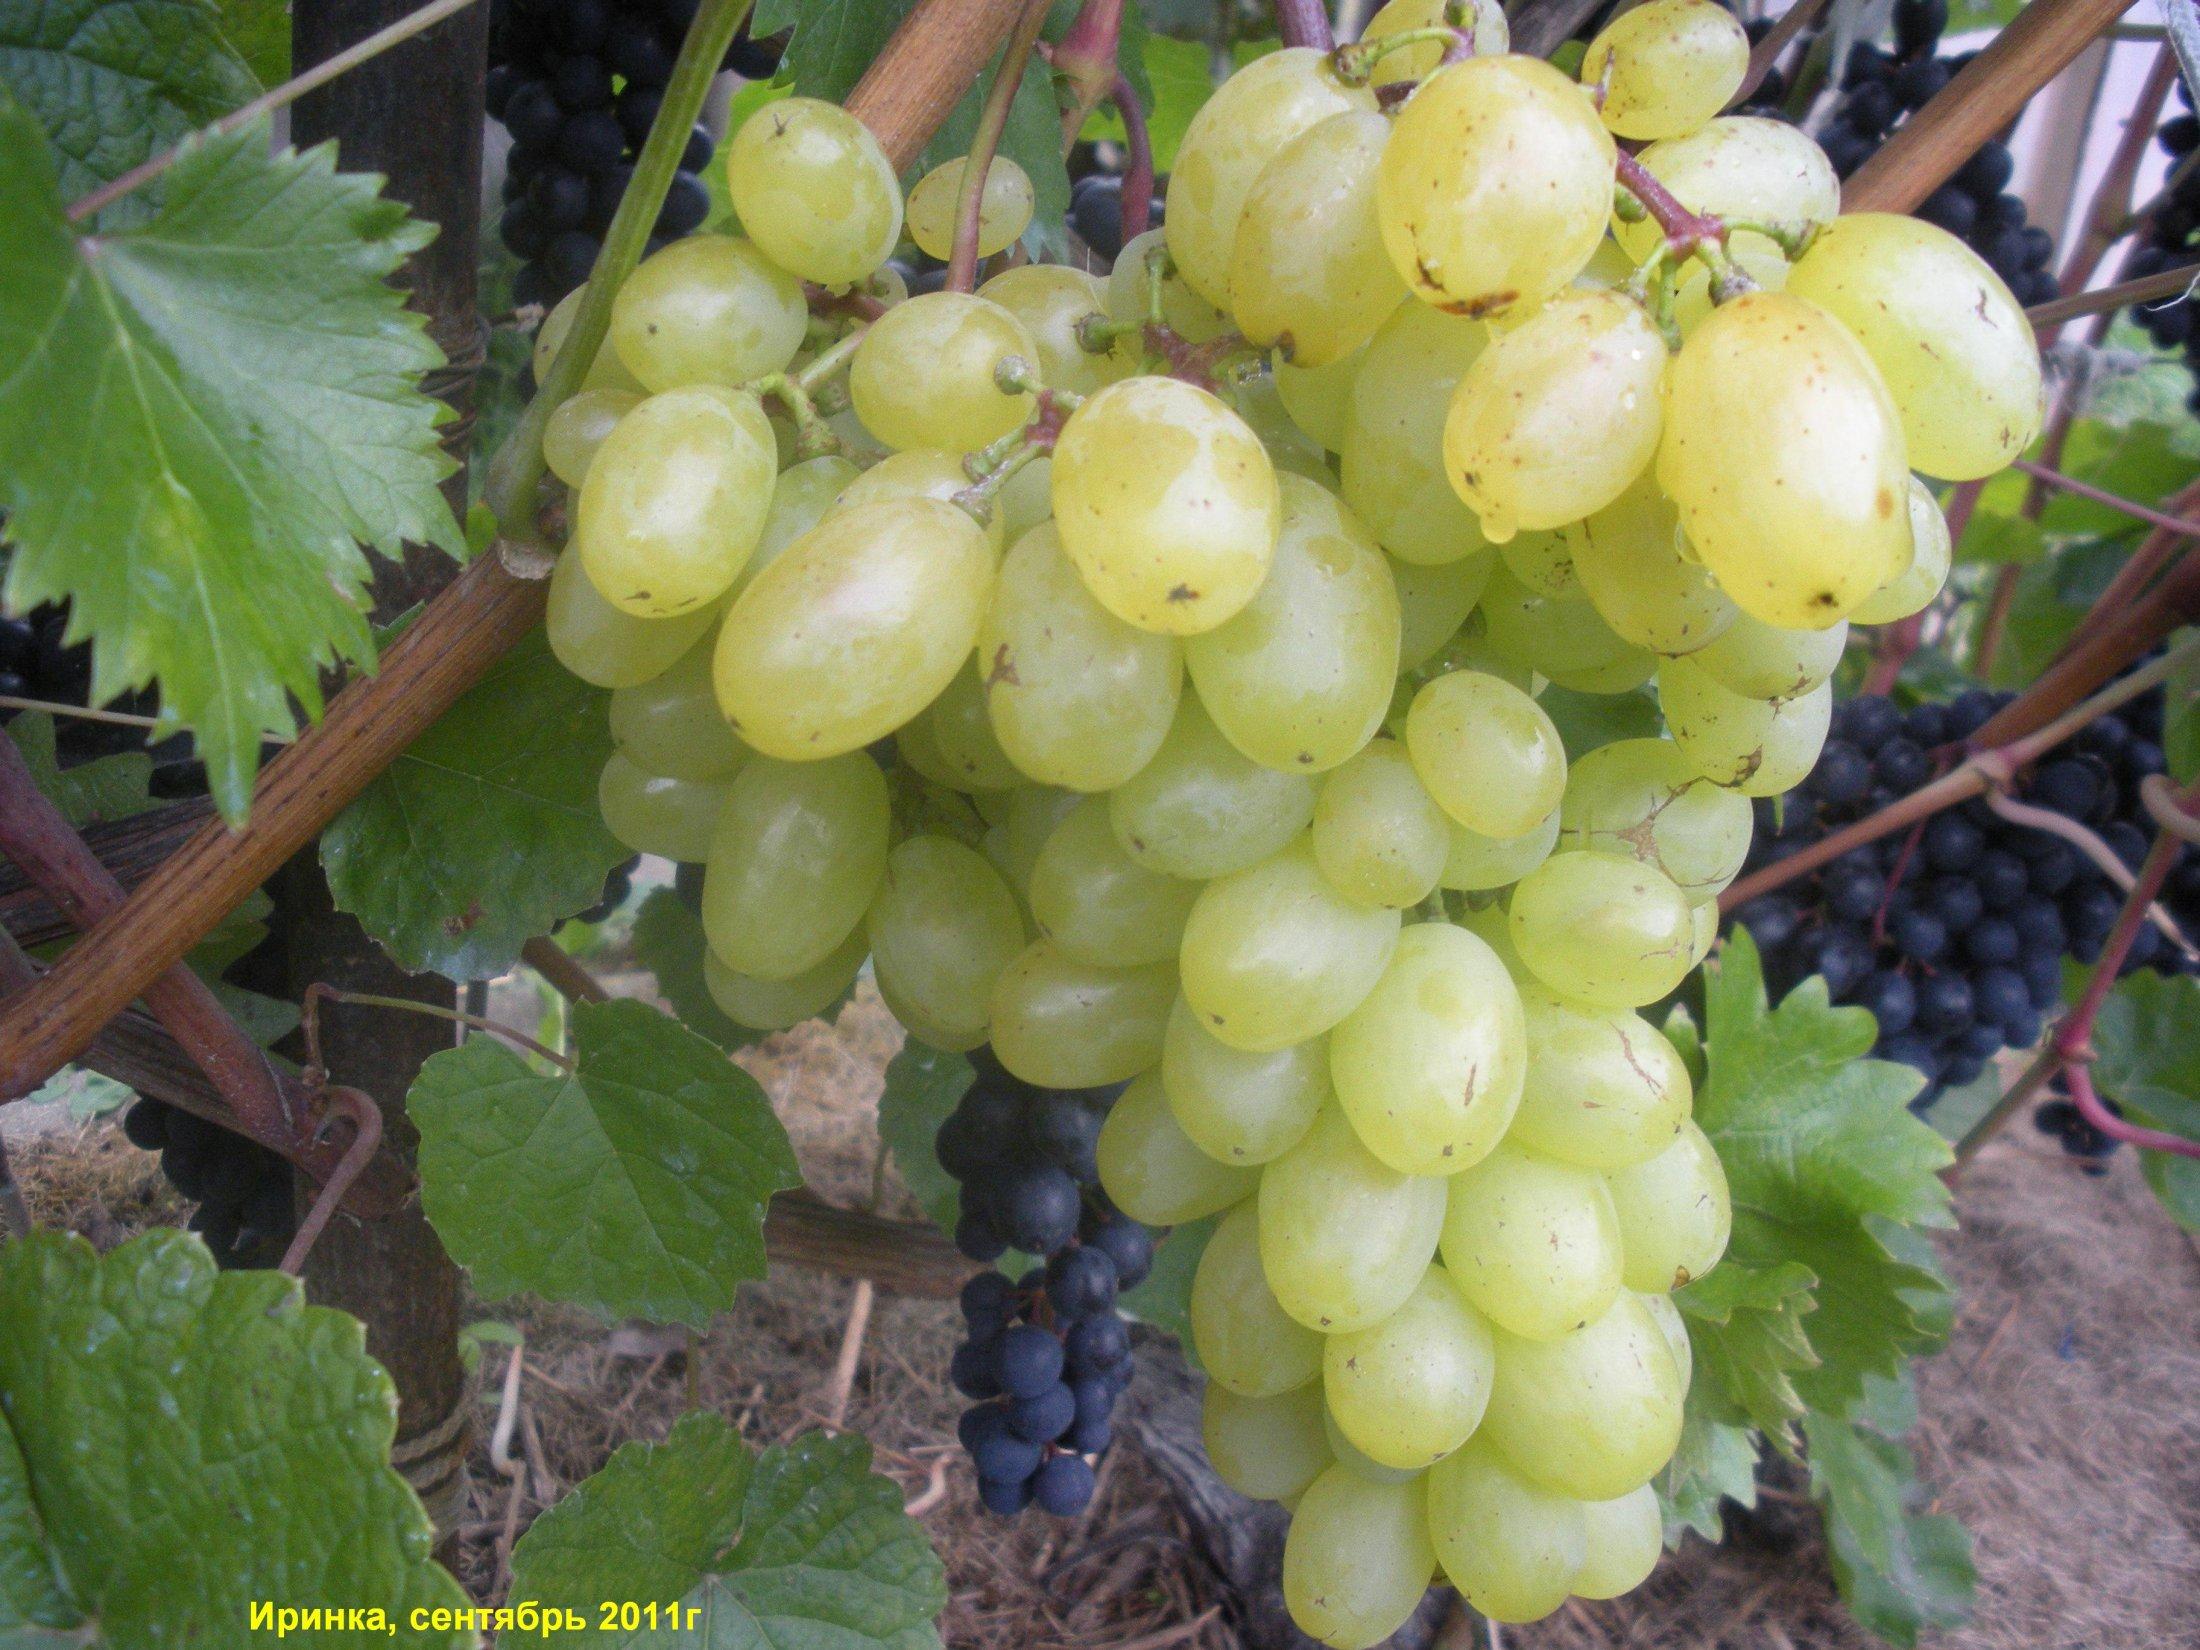 Фото винограда подарок ирине